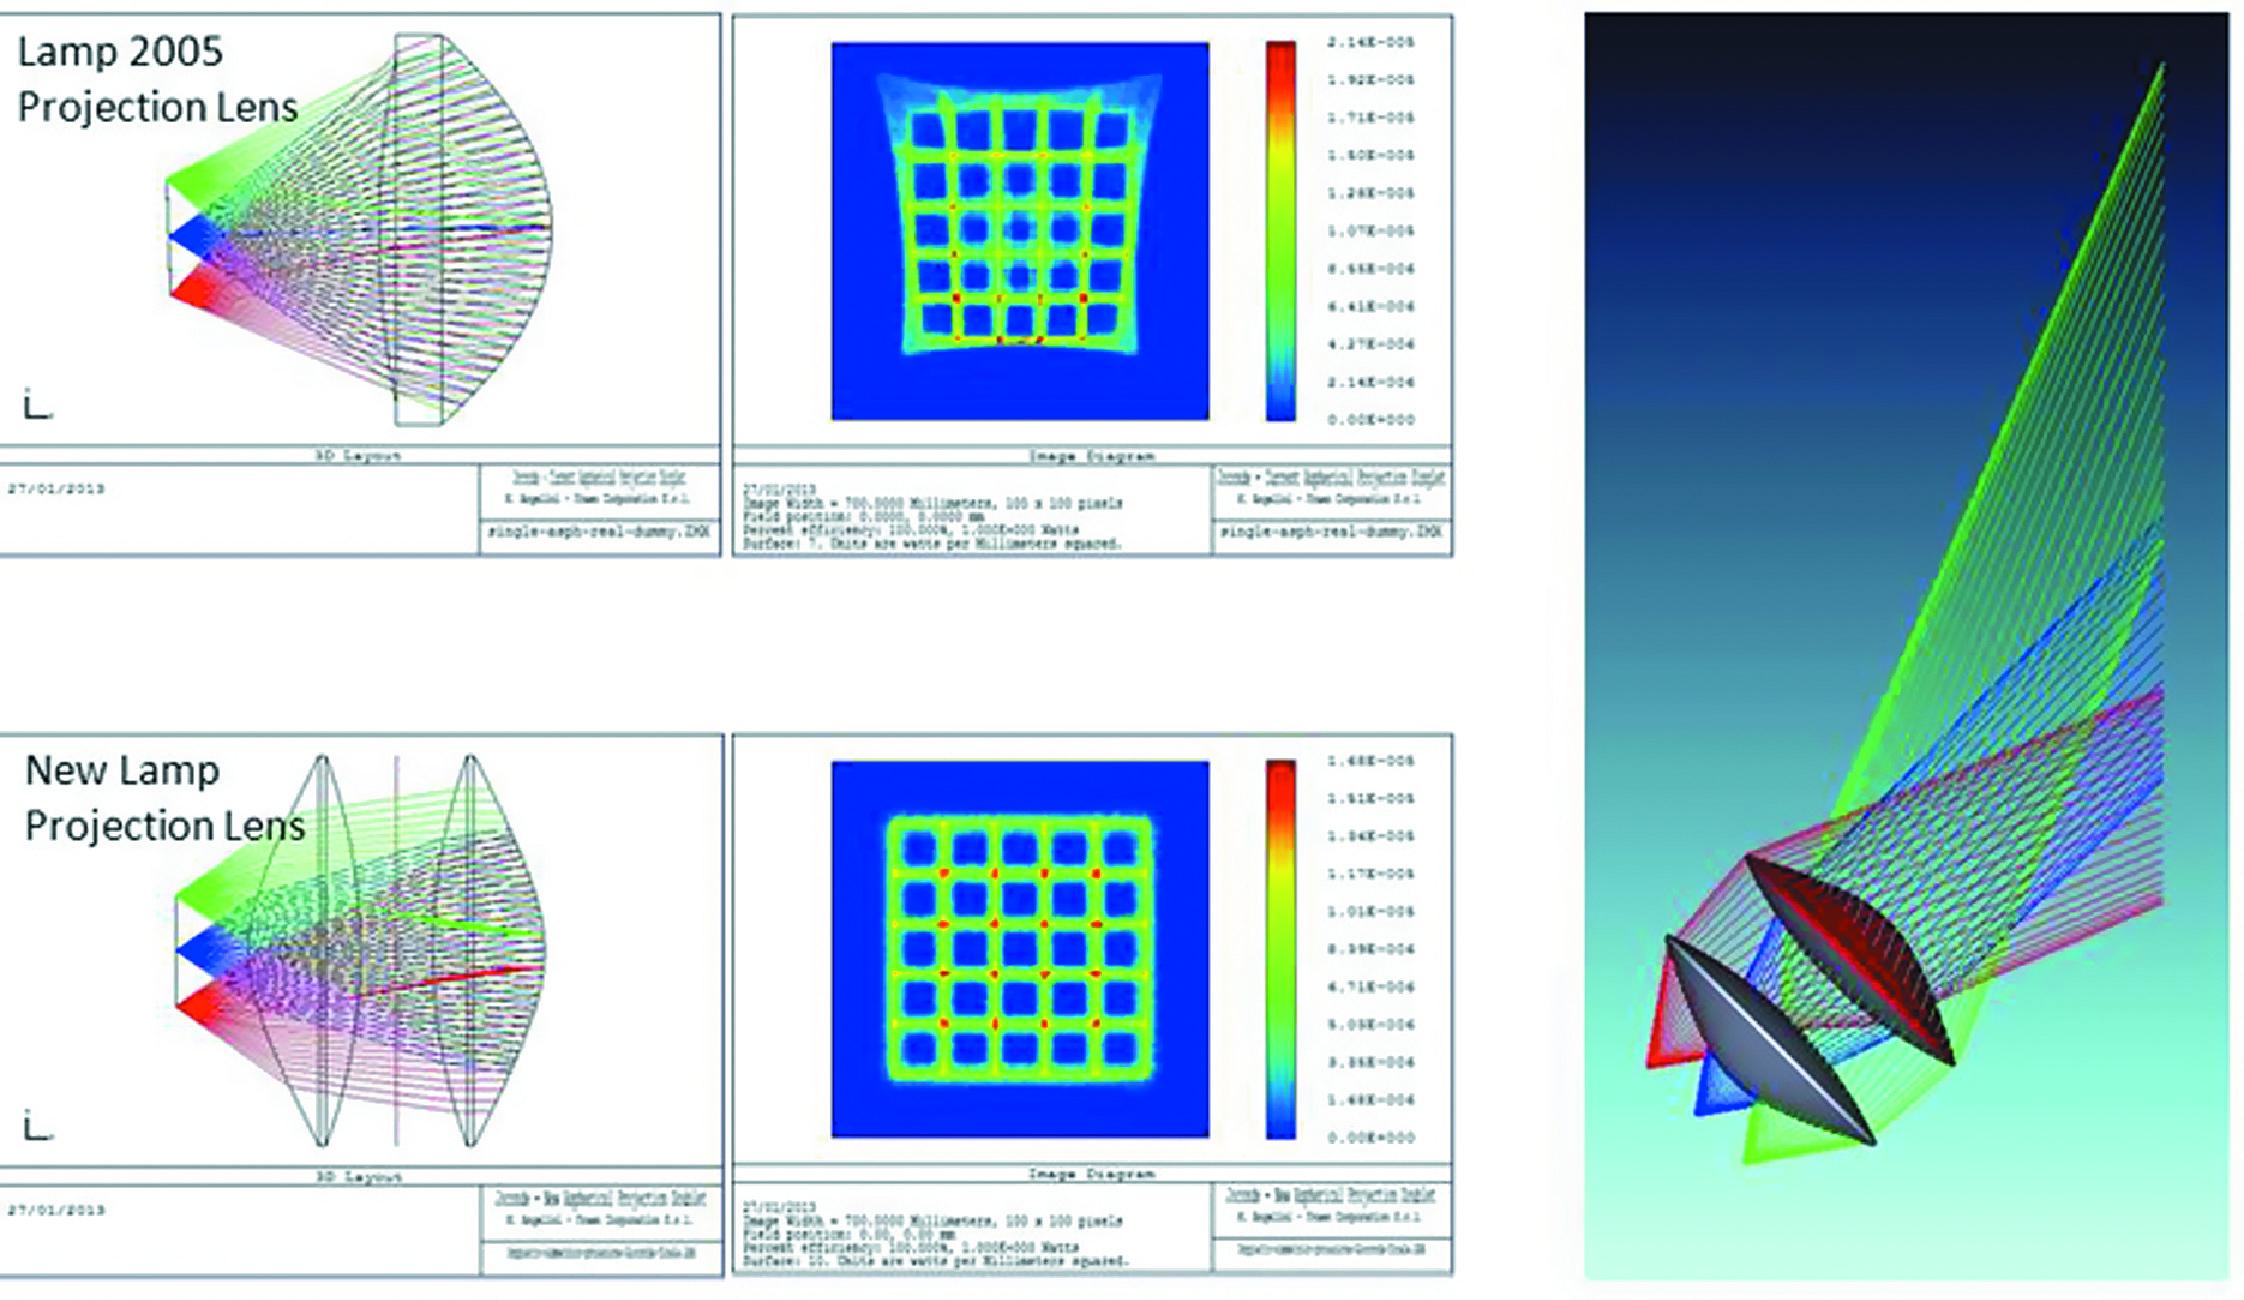 Асимметричная двухэлементная проекционная линза гарантирует однородное распределение света и надлежащую форму светового пятна на экране